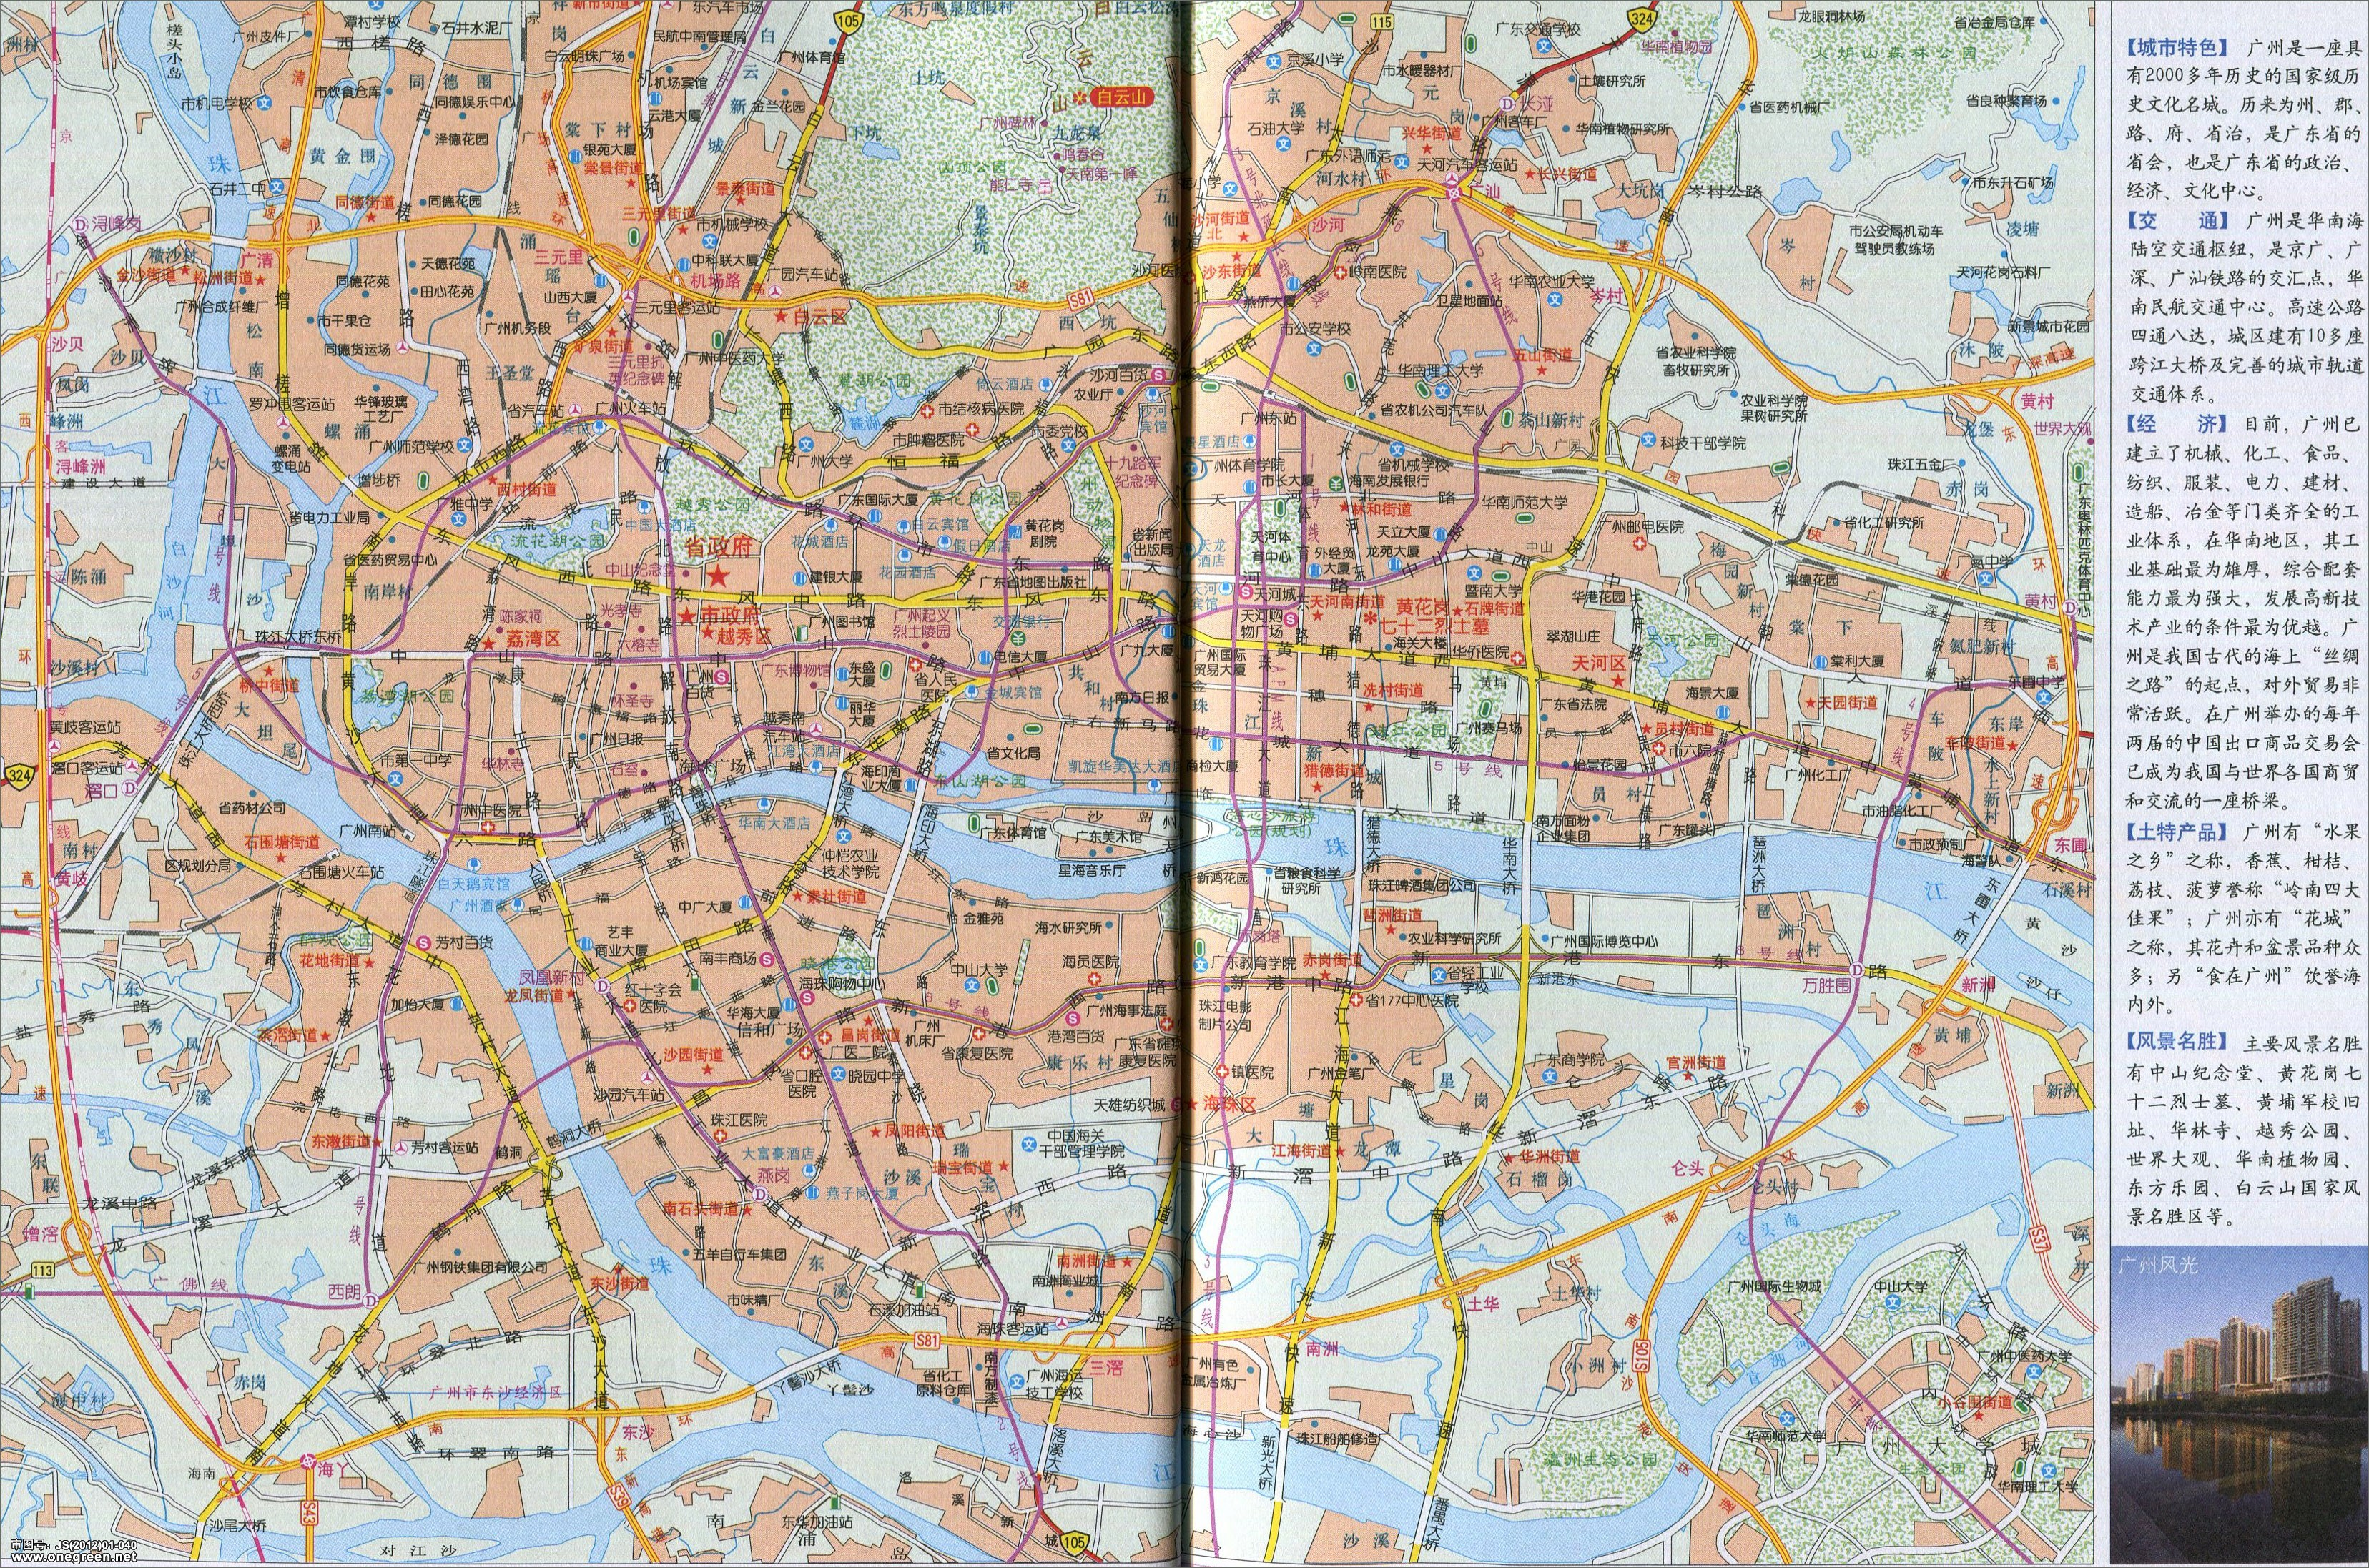 地图查询 分享到: 行政地图